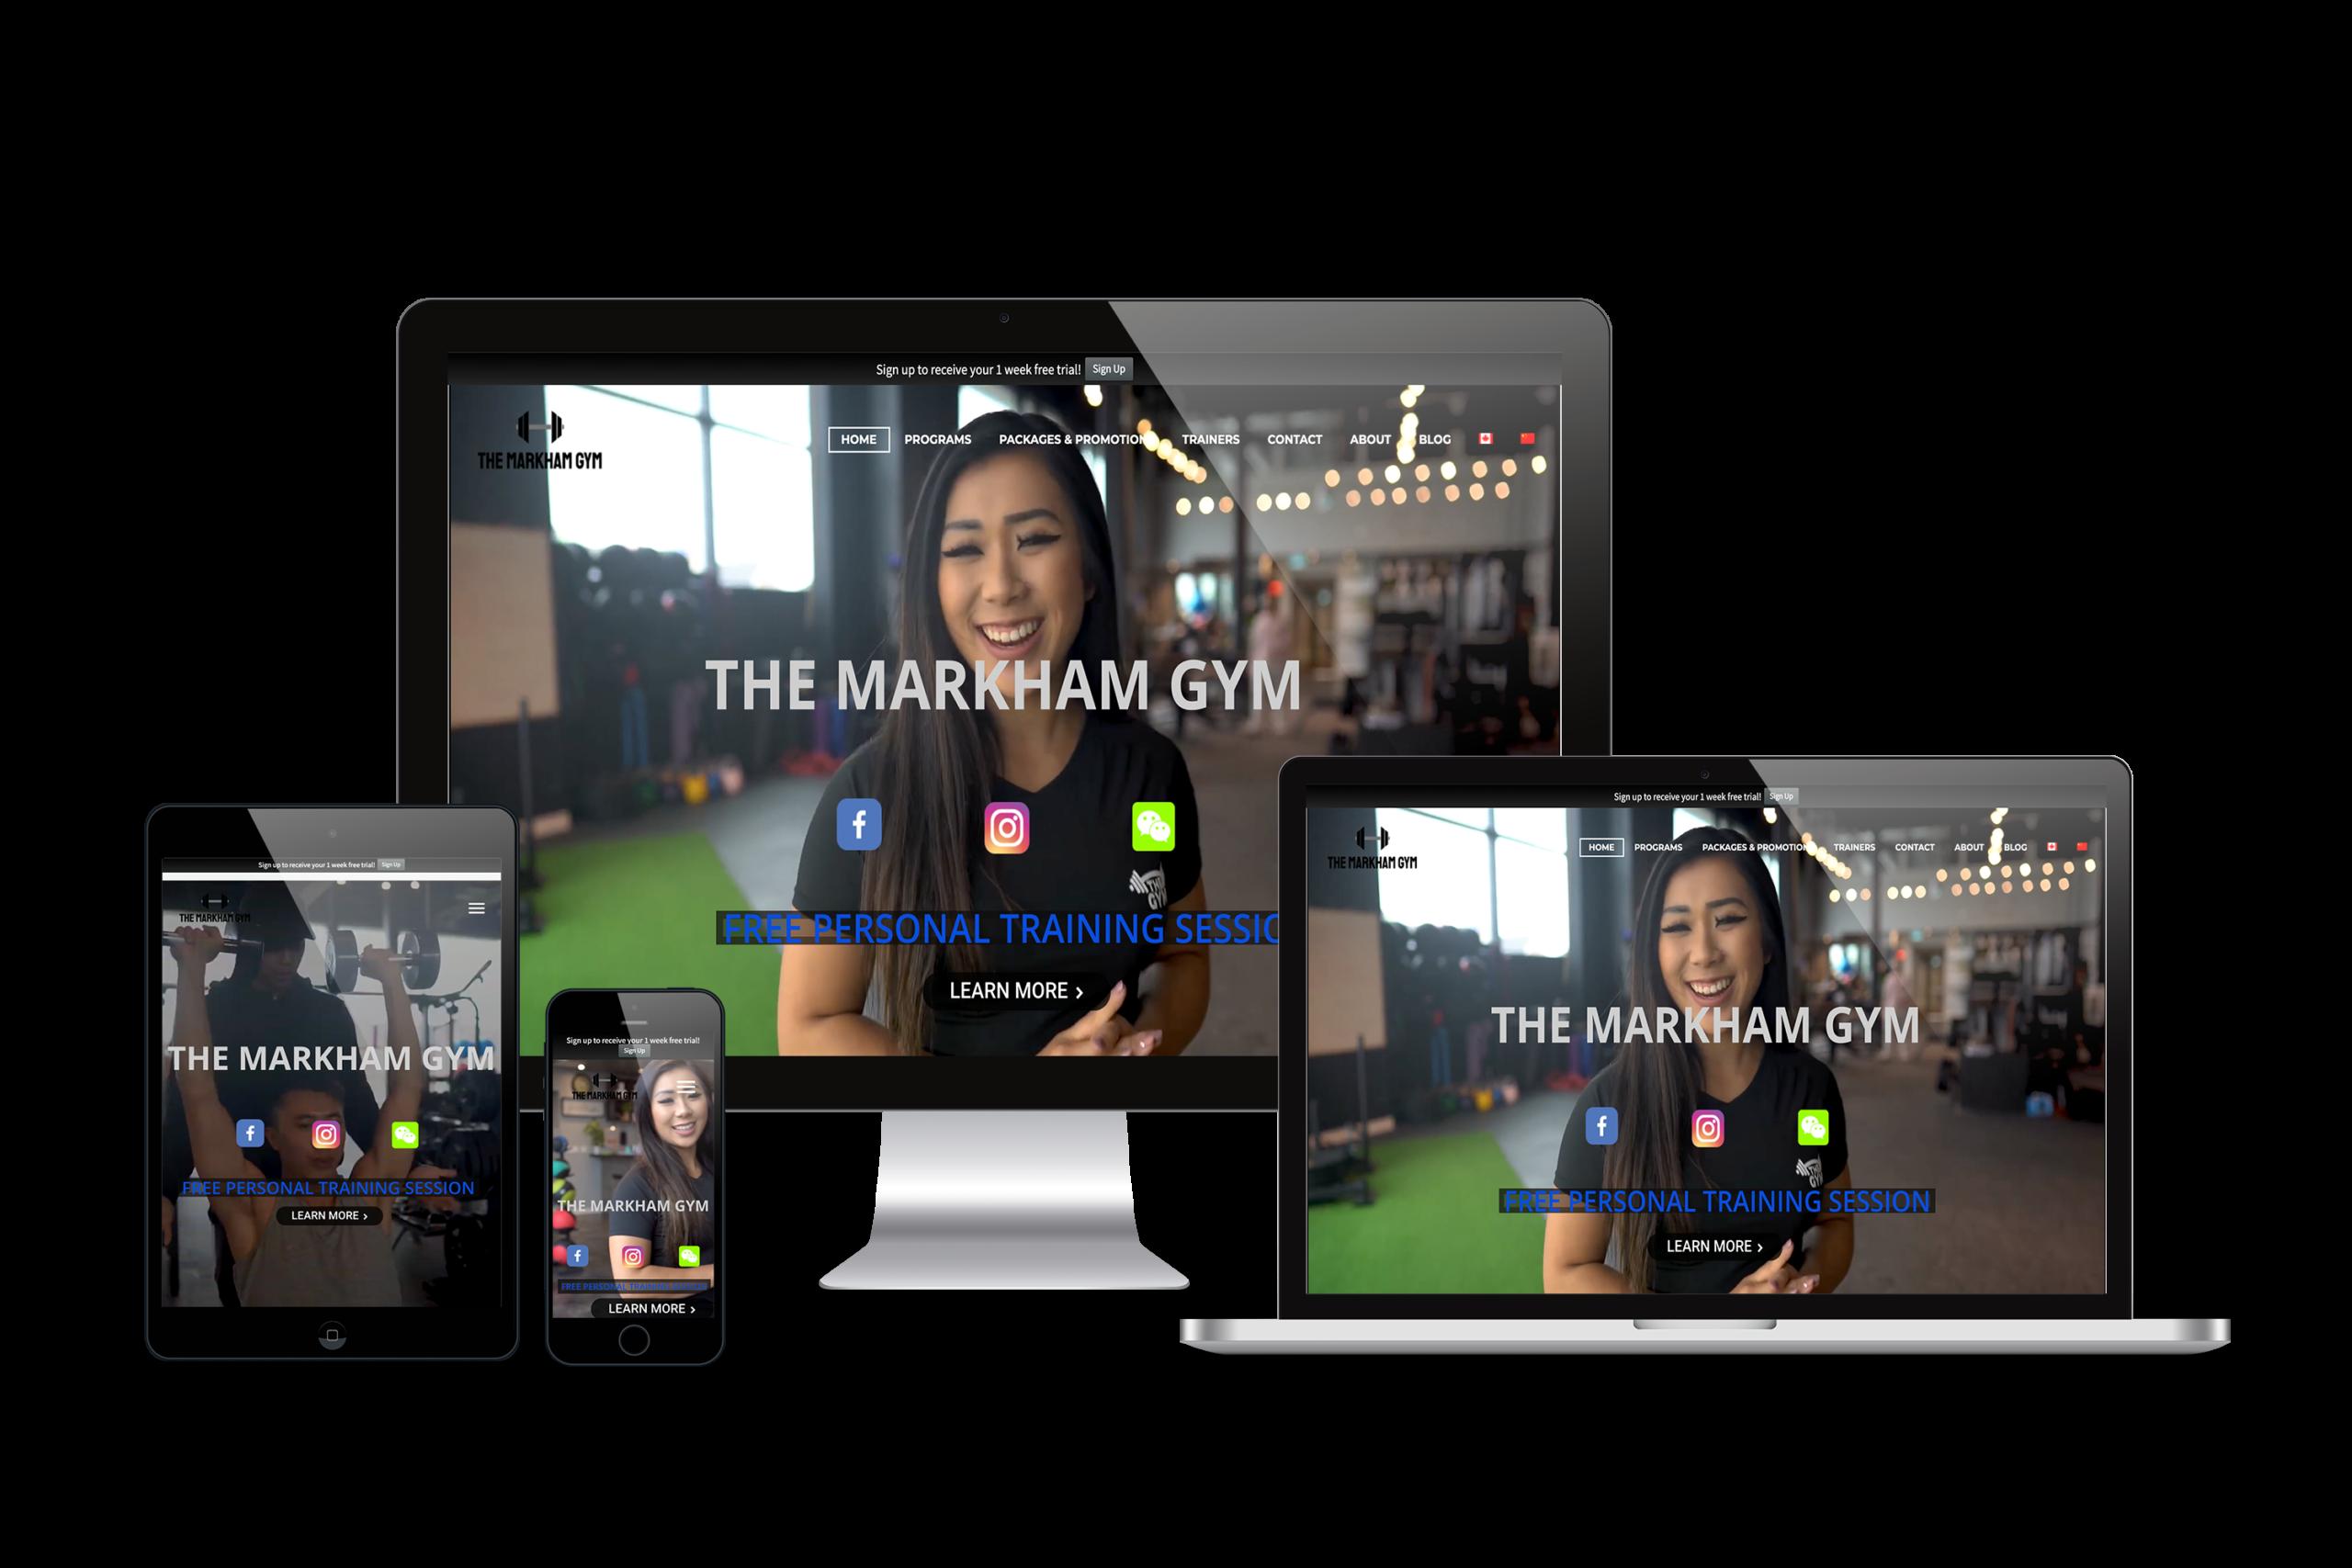 The-Markham-Gym-Web-Design